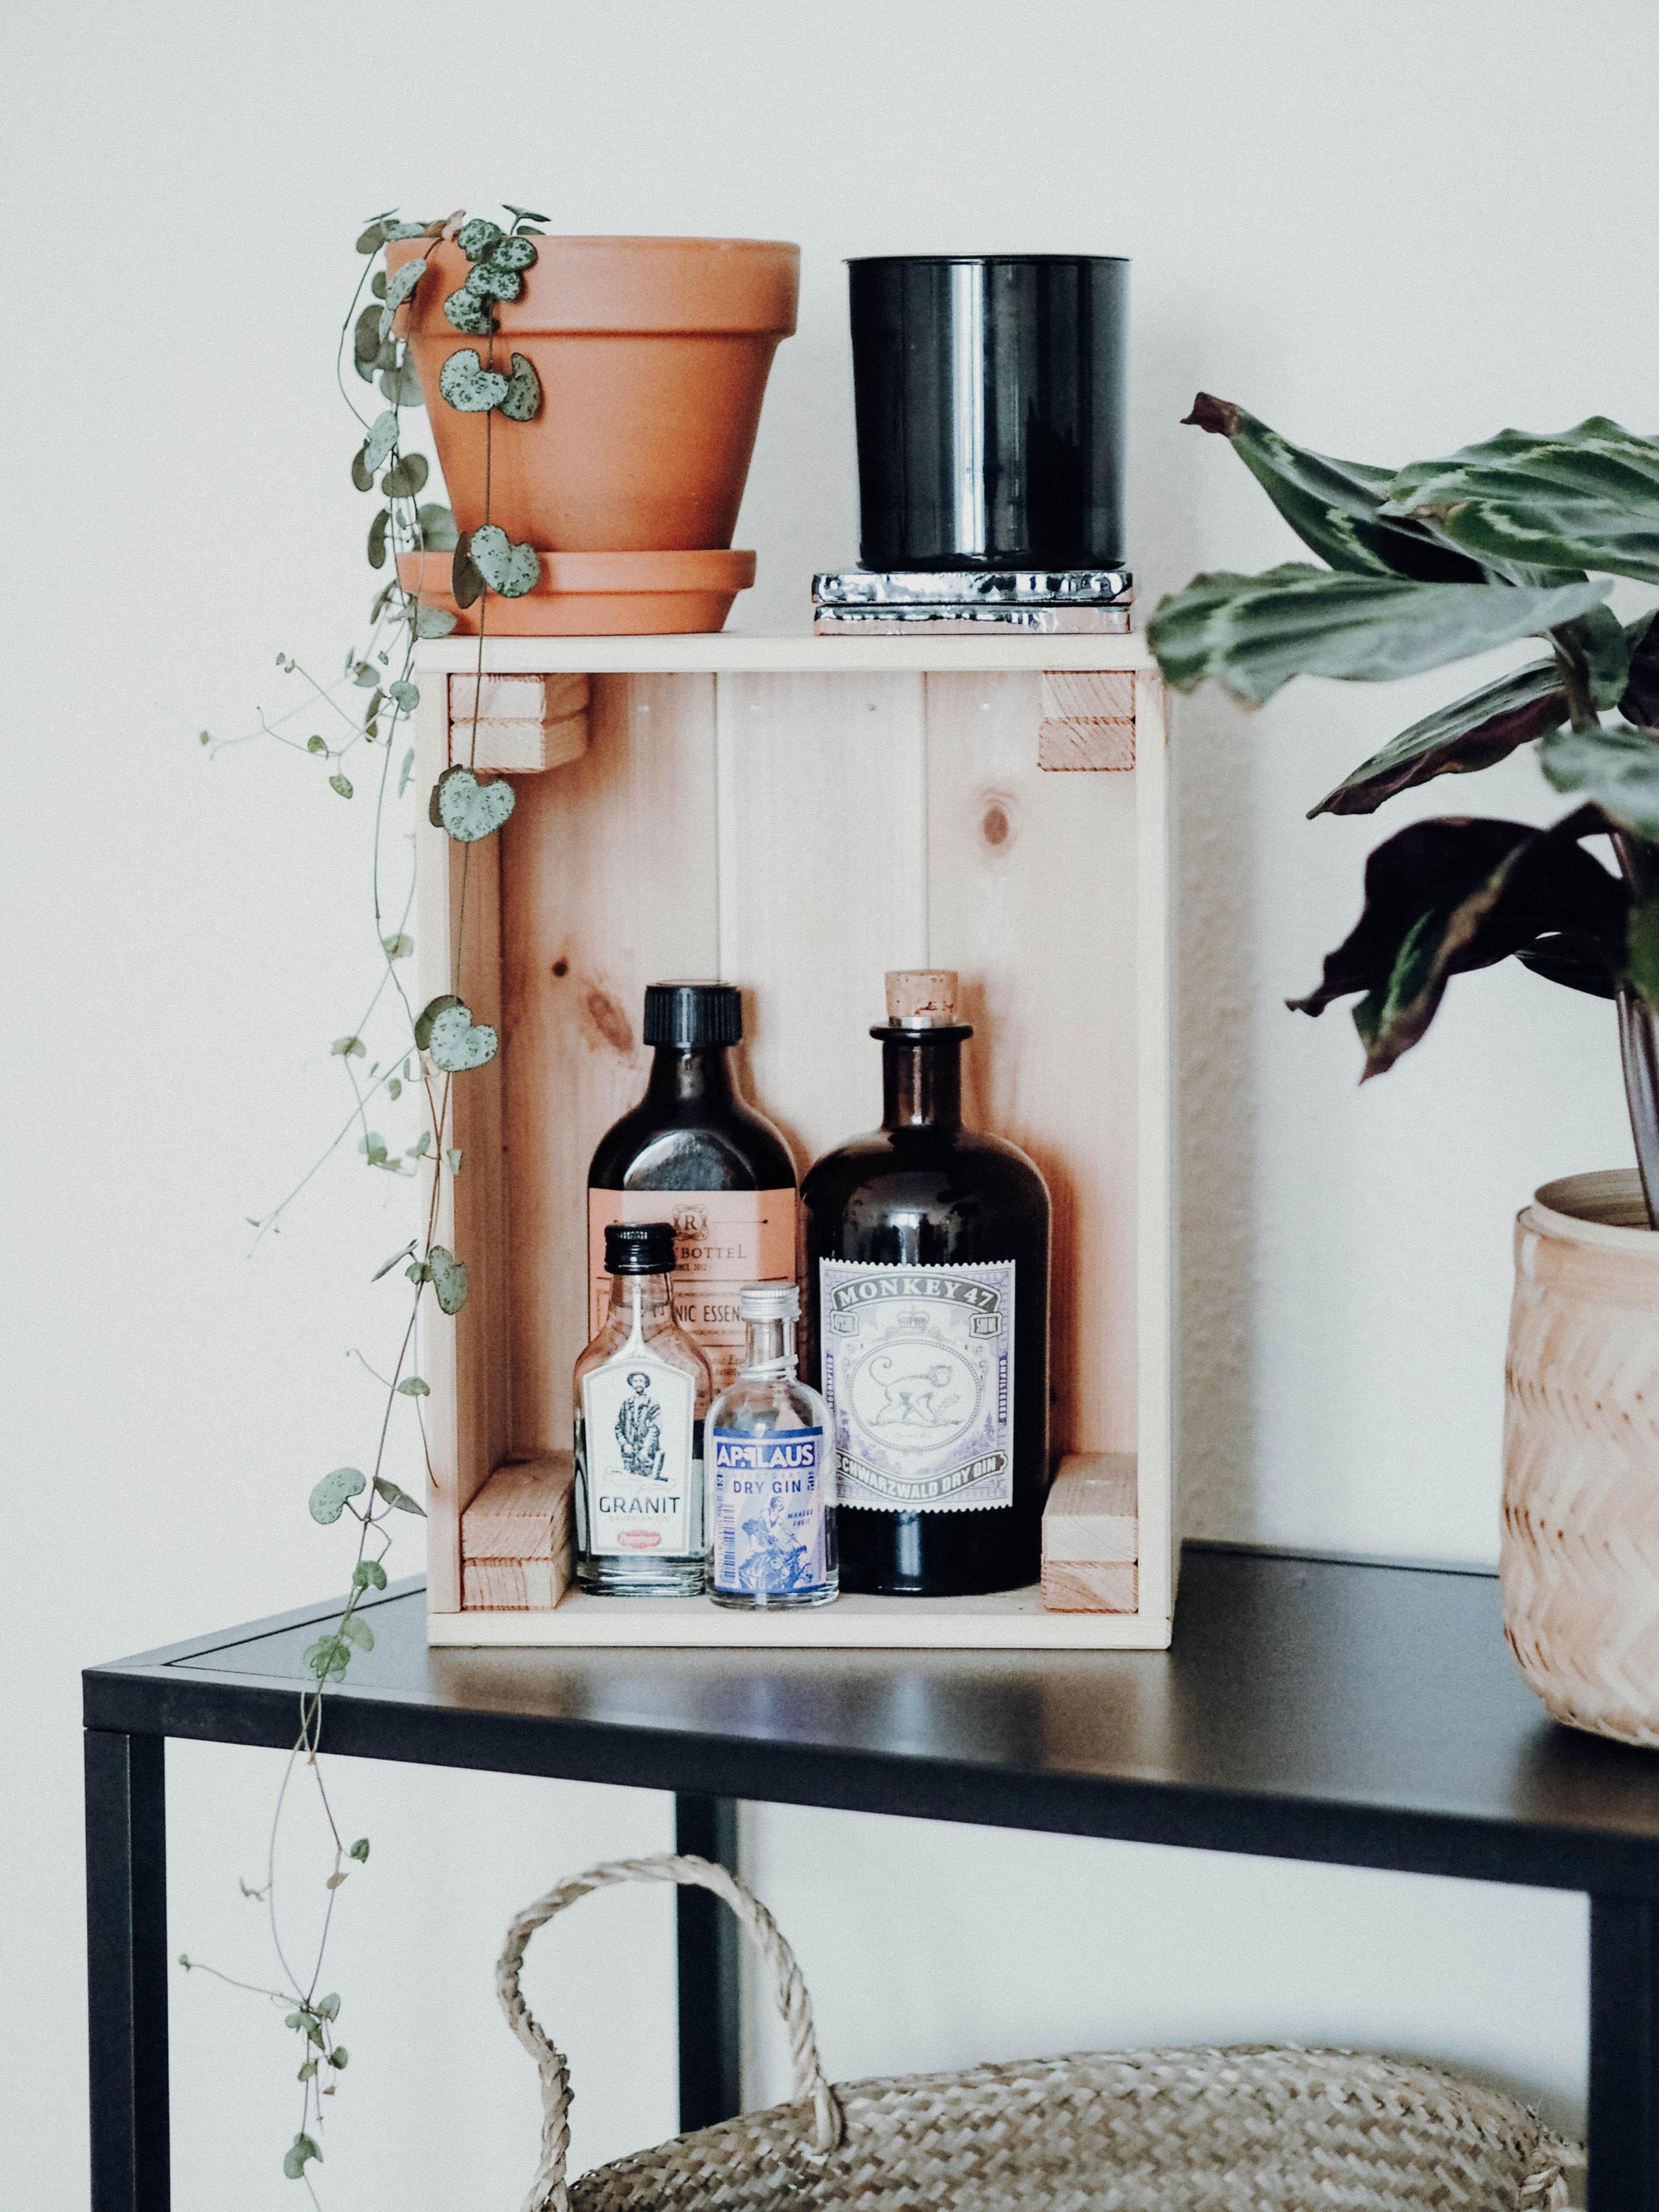 Wohnzimmerdekoideen Mach Es Dir Gemütlich von Dekoration Wohnzimmer Ideen Bild